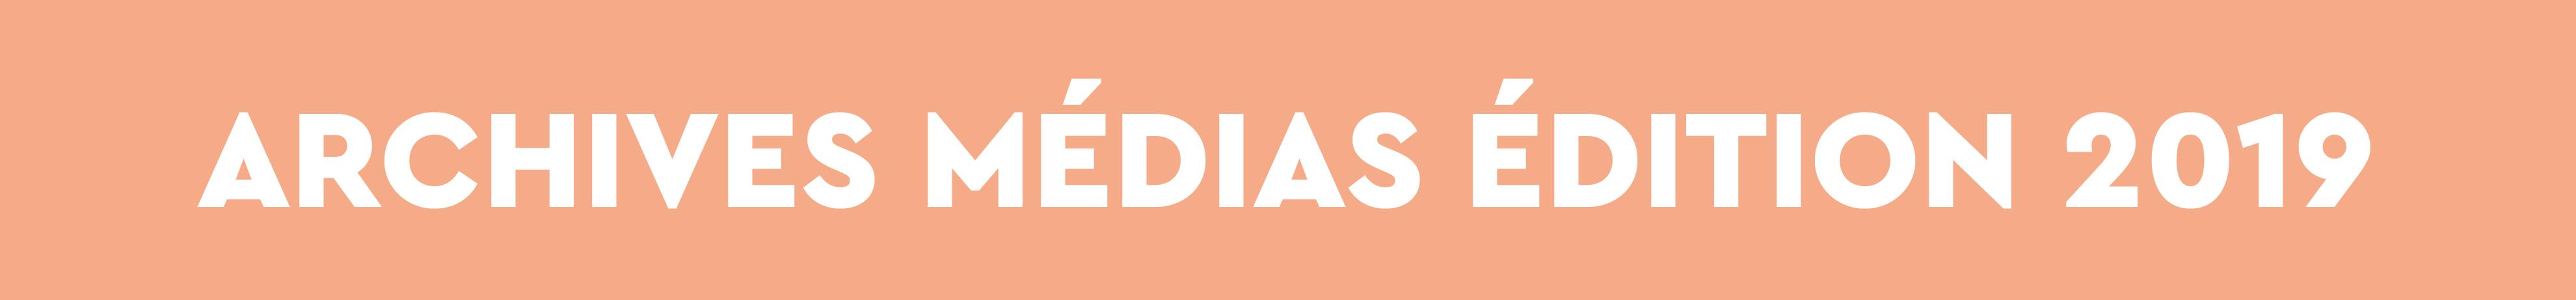 ARCHIVES MÉDIAS 2019